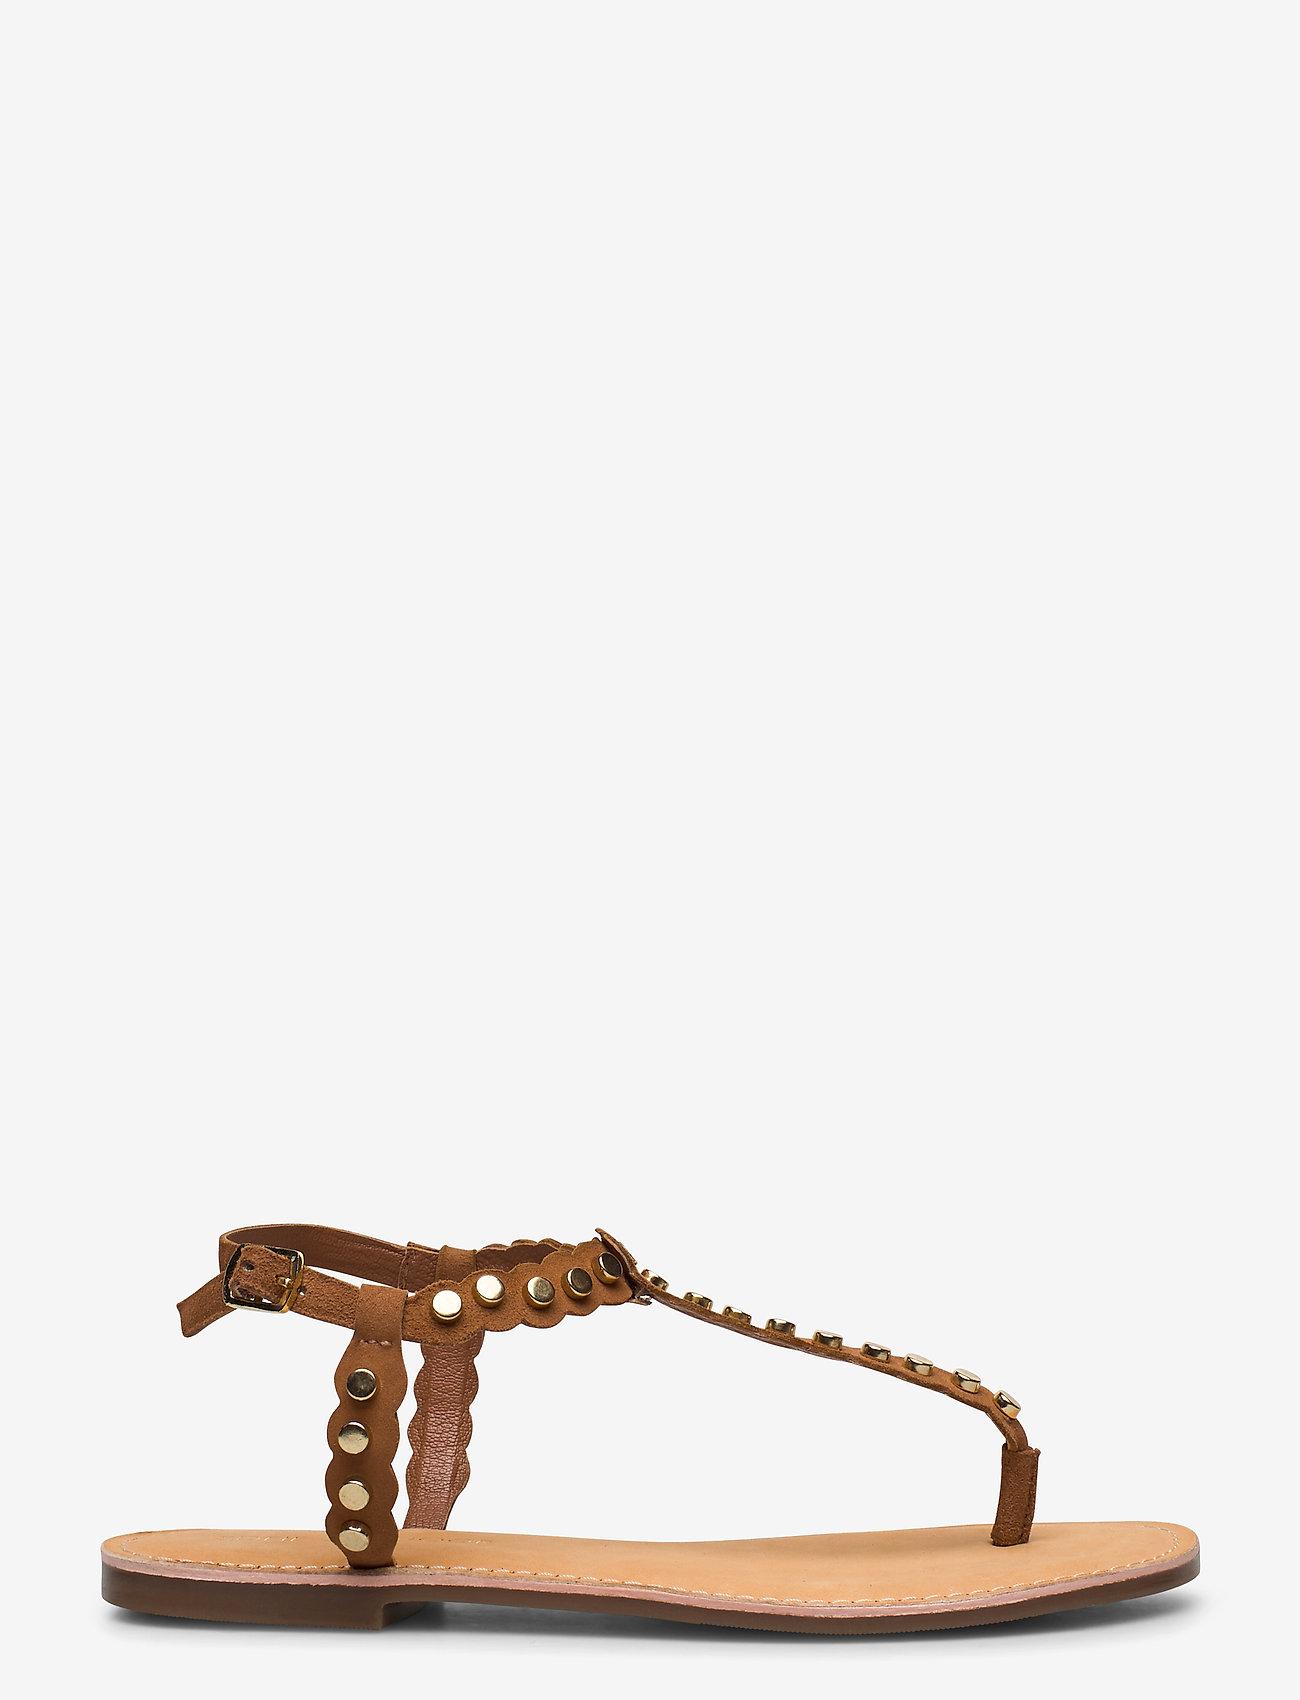 Sofie Schnoor - Sandal - sandales - camel - 1